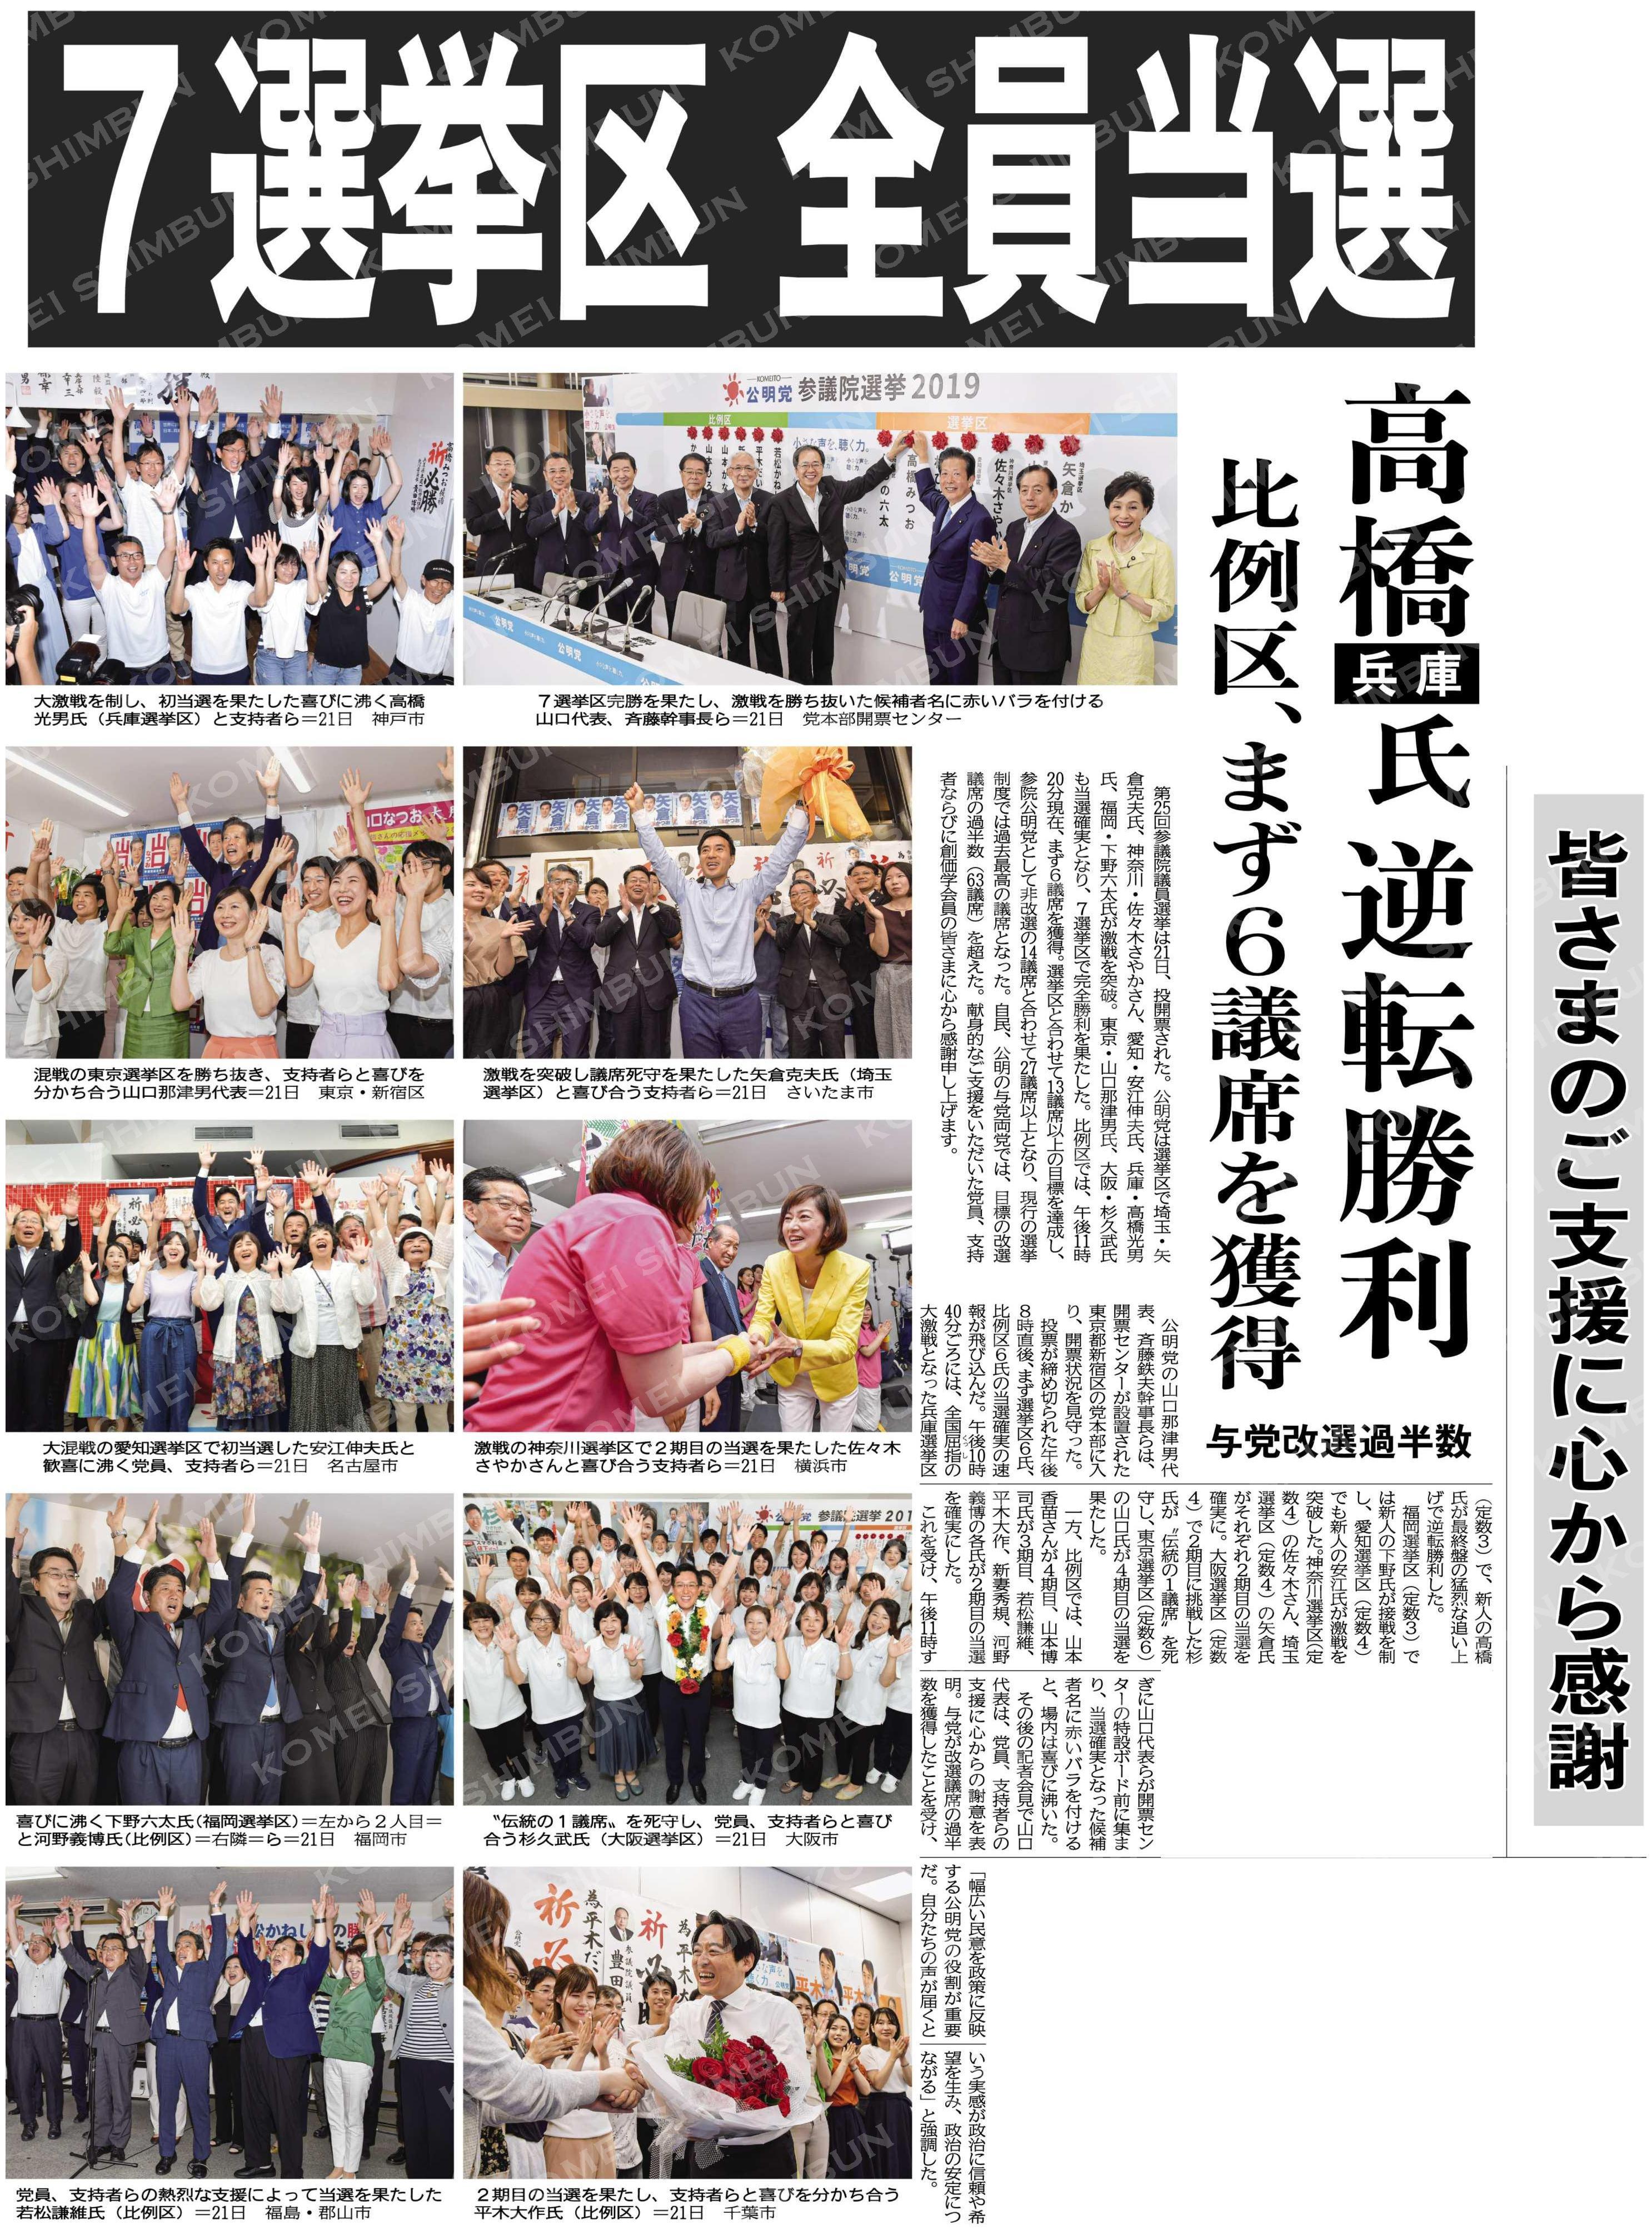 7選挙区全員当選/高橋氏(兵庫)逆転勝利/比例区、まず6議席を獲得